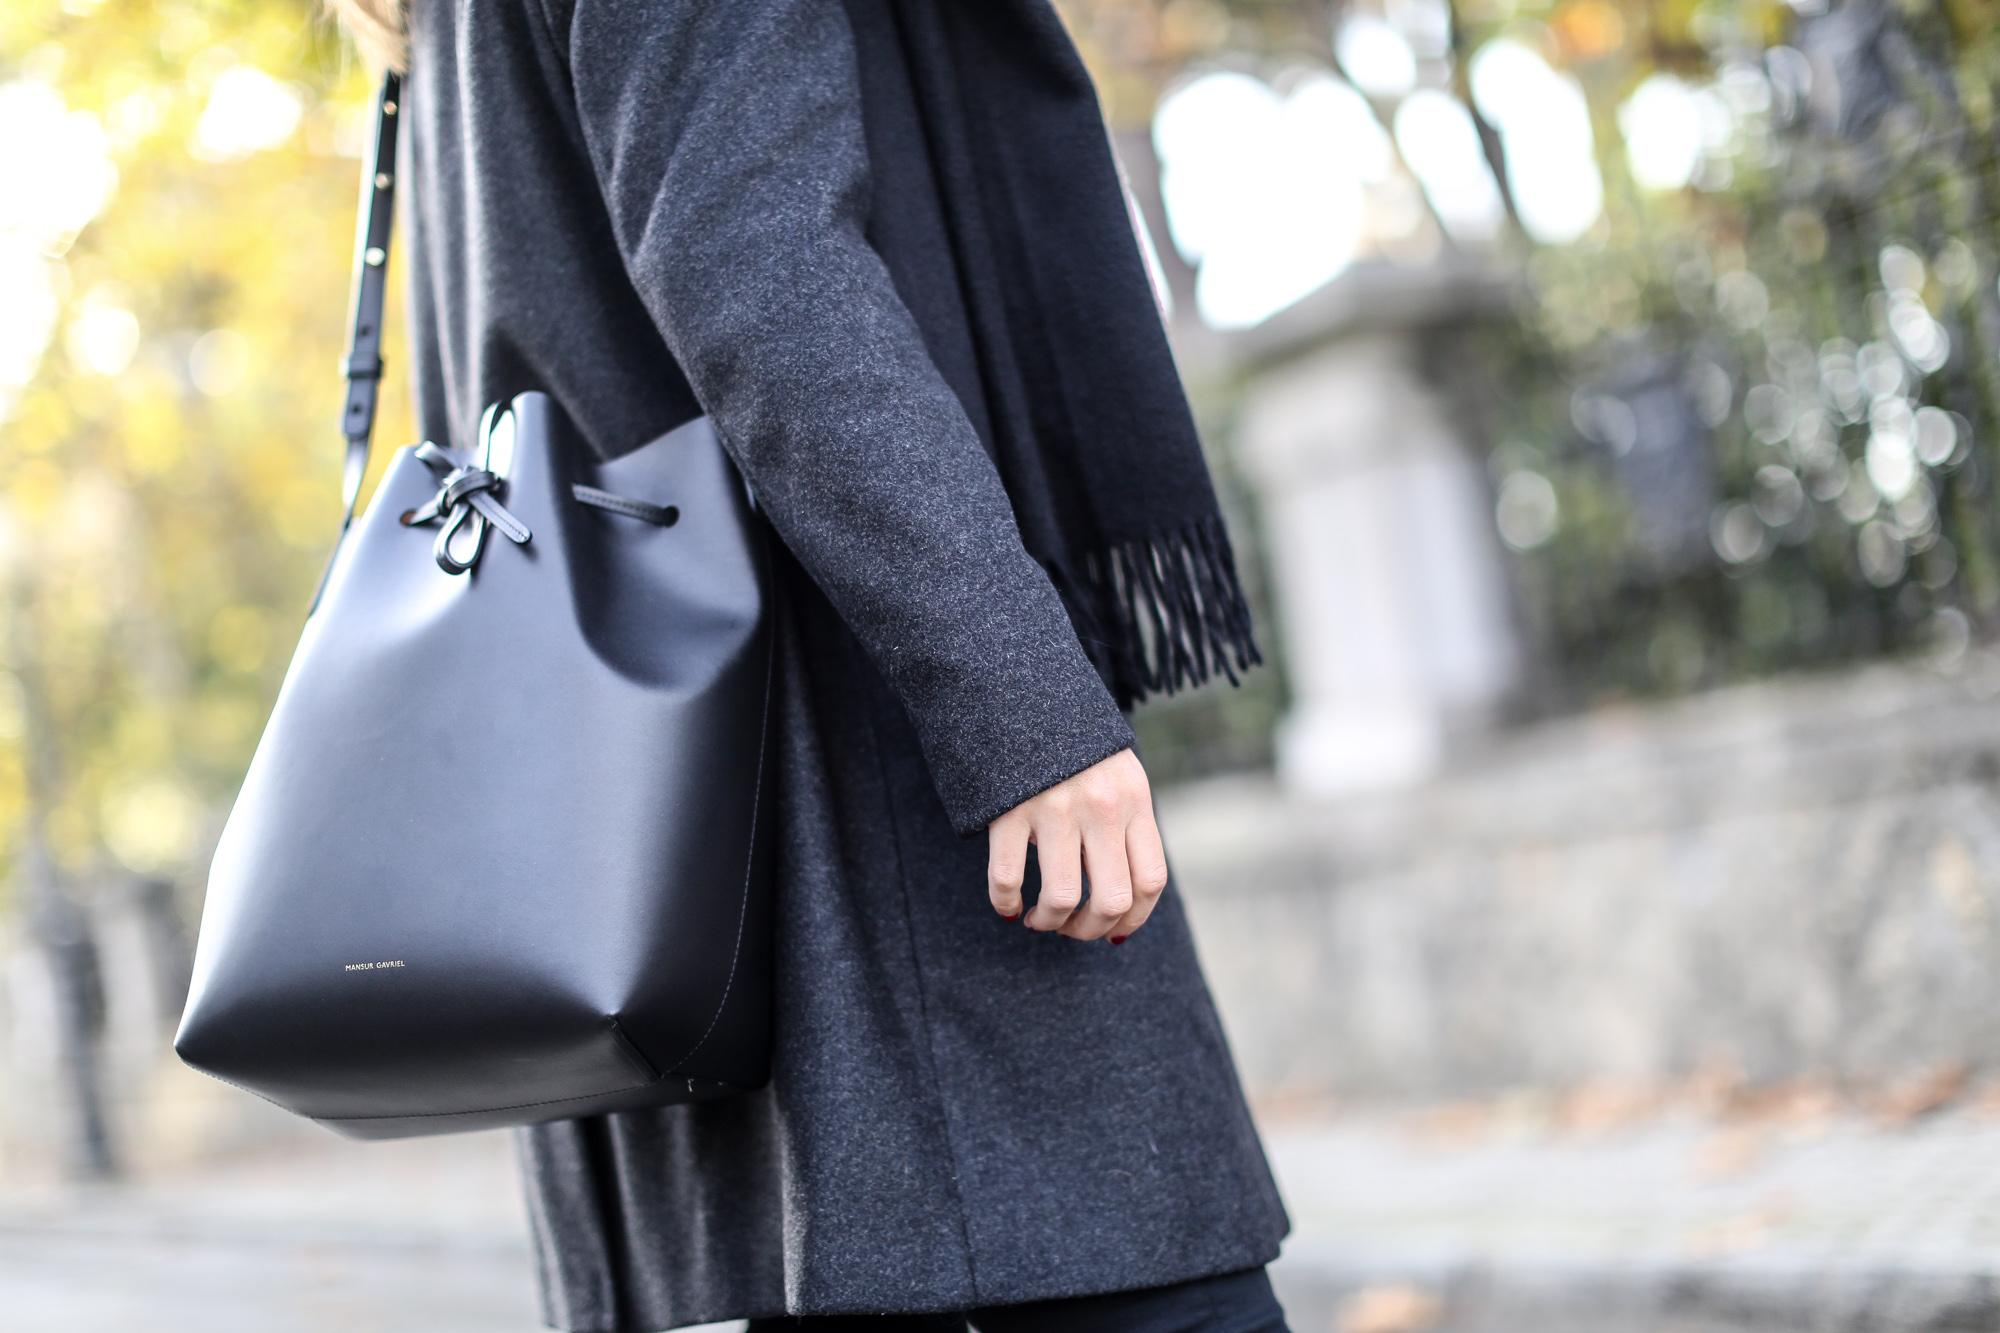 Clochet_streetstyle_eseoese_wool_grey_tailored-coat_mansur_gavriel_bucket_bag-10